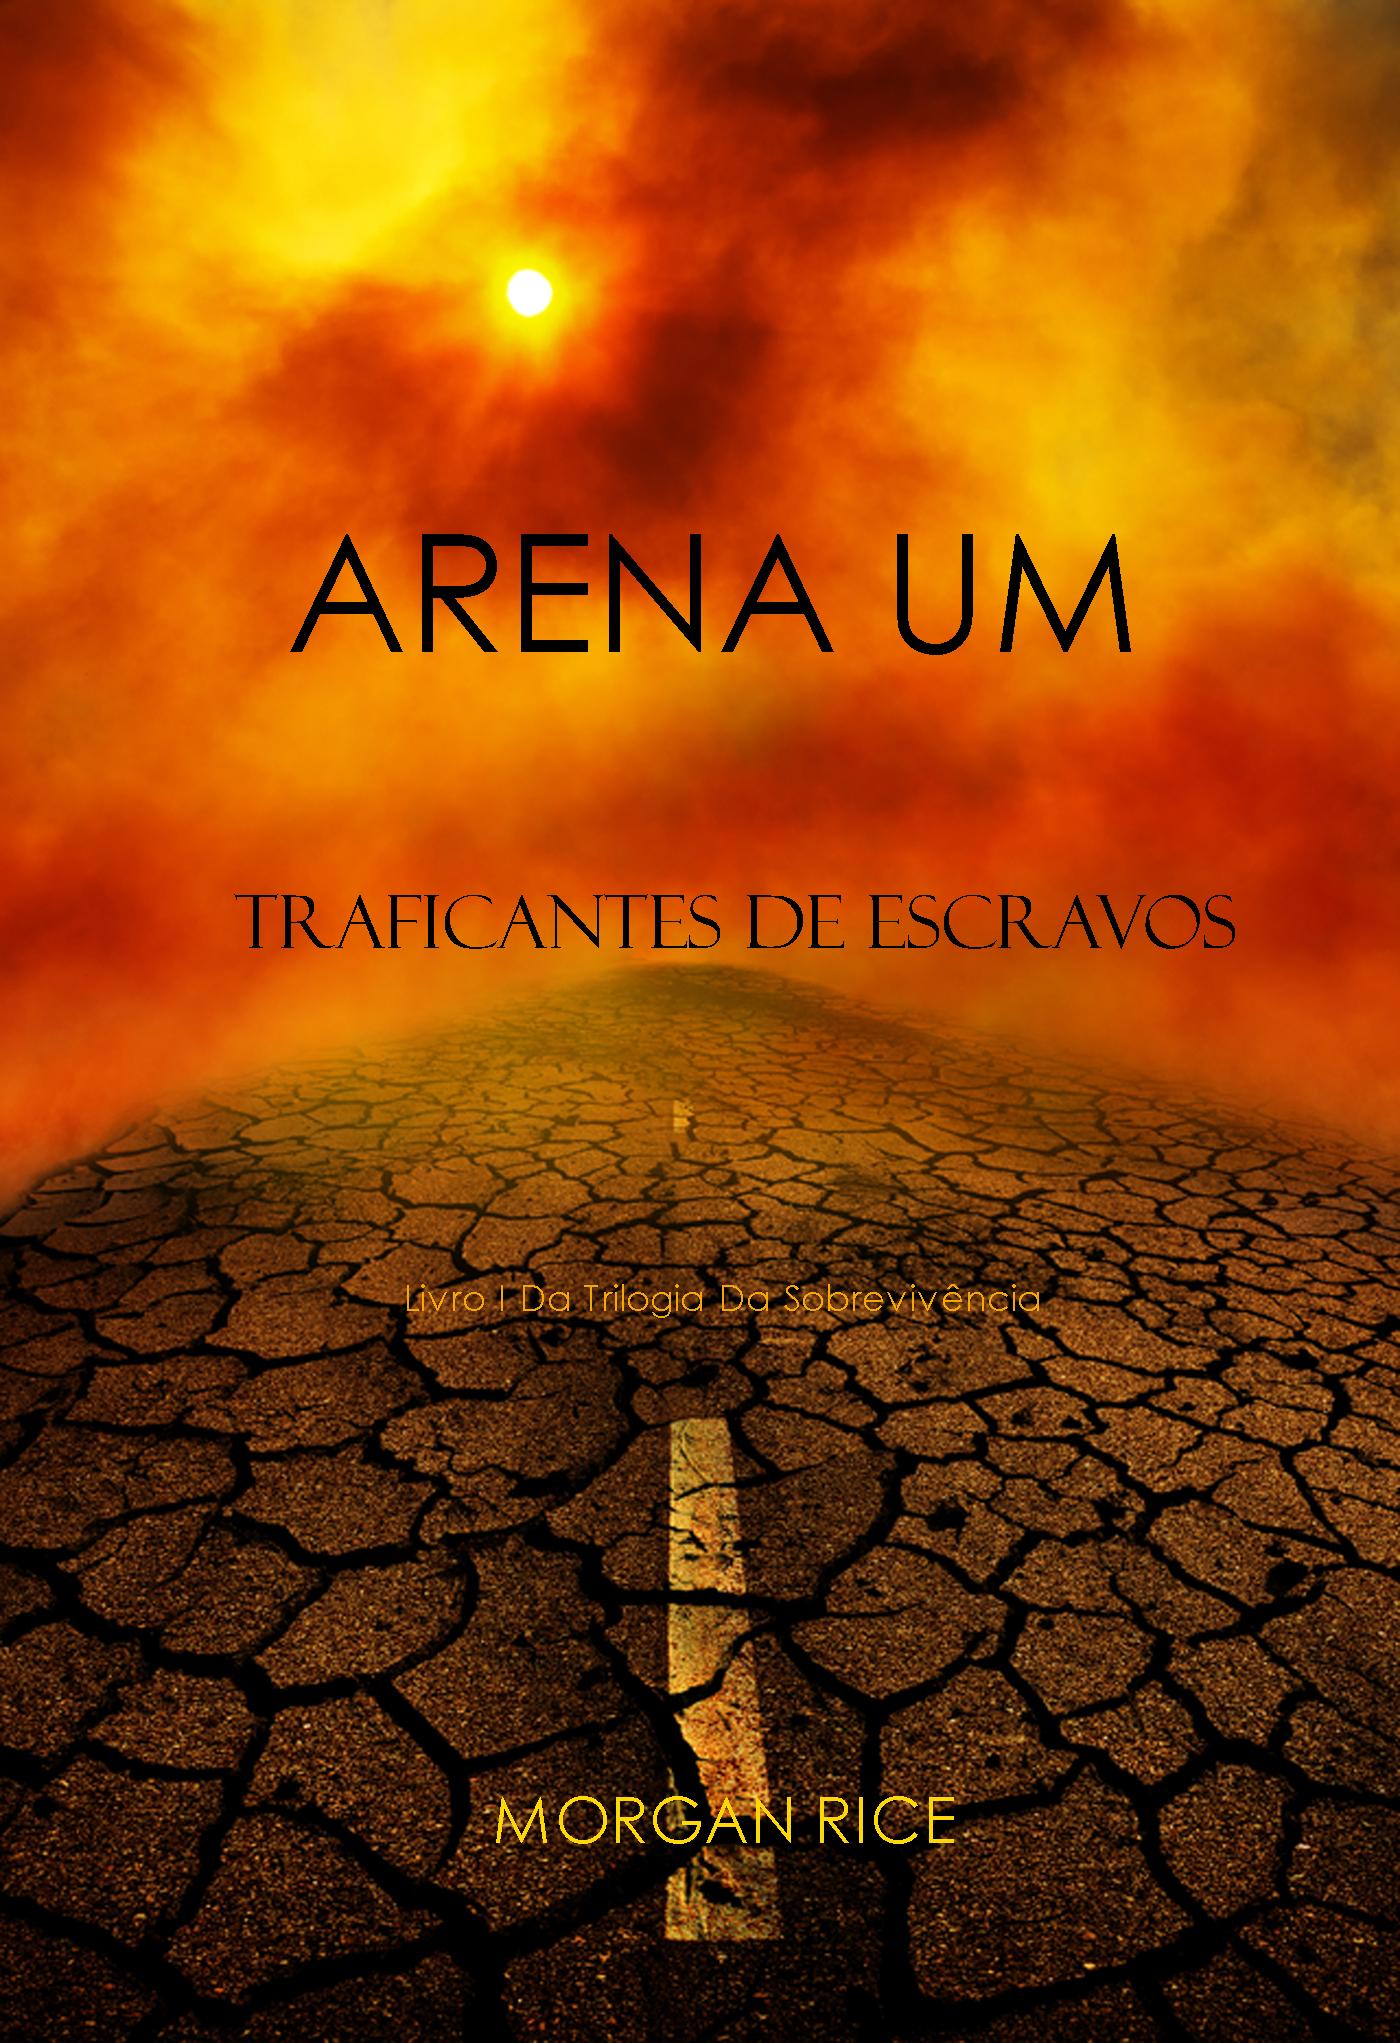 Фото - Морган Райс Arena Um: Traficantes De Escravos comete